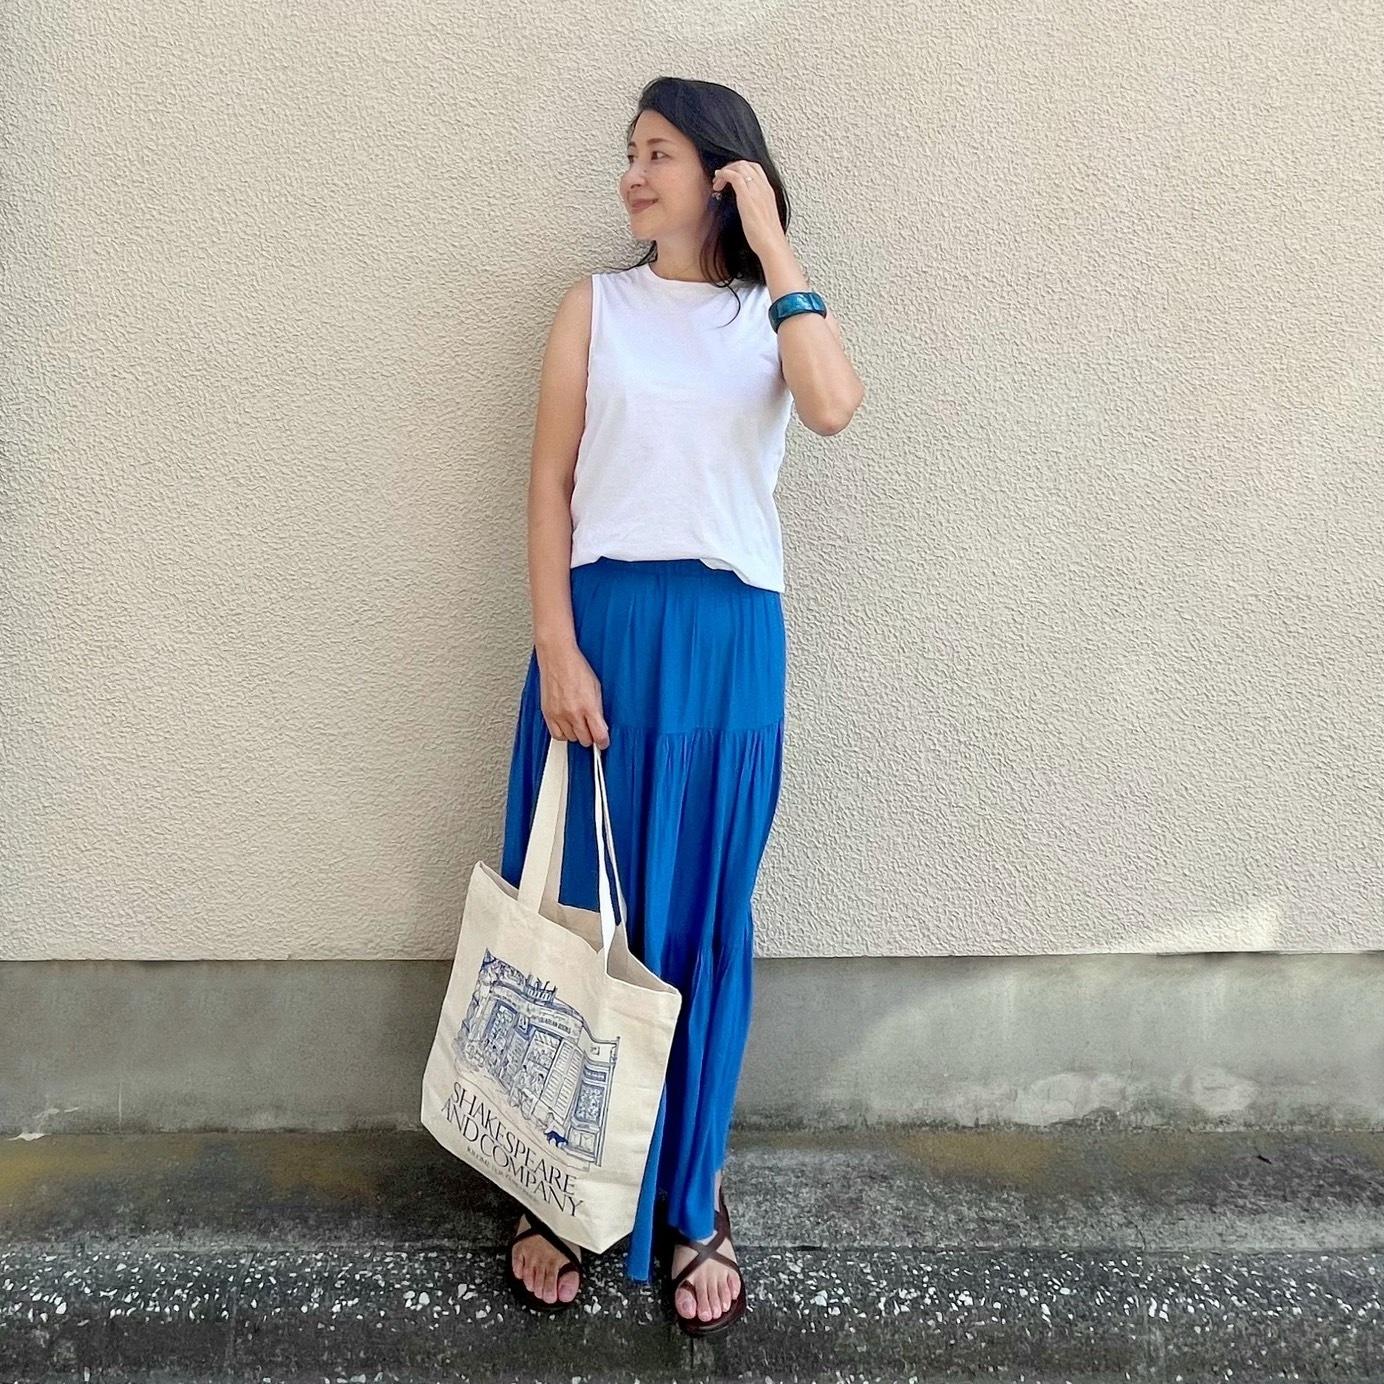 白Tシャツ、ブルーのマキシ丈スカート、ブラウンサンダル、エコバッグ